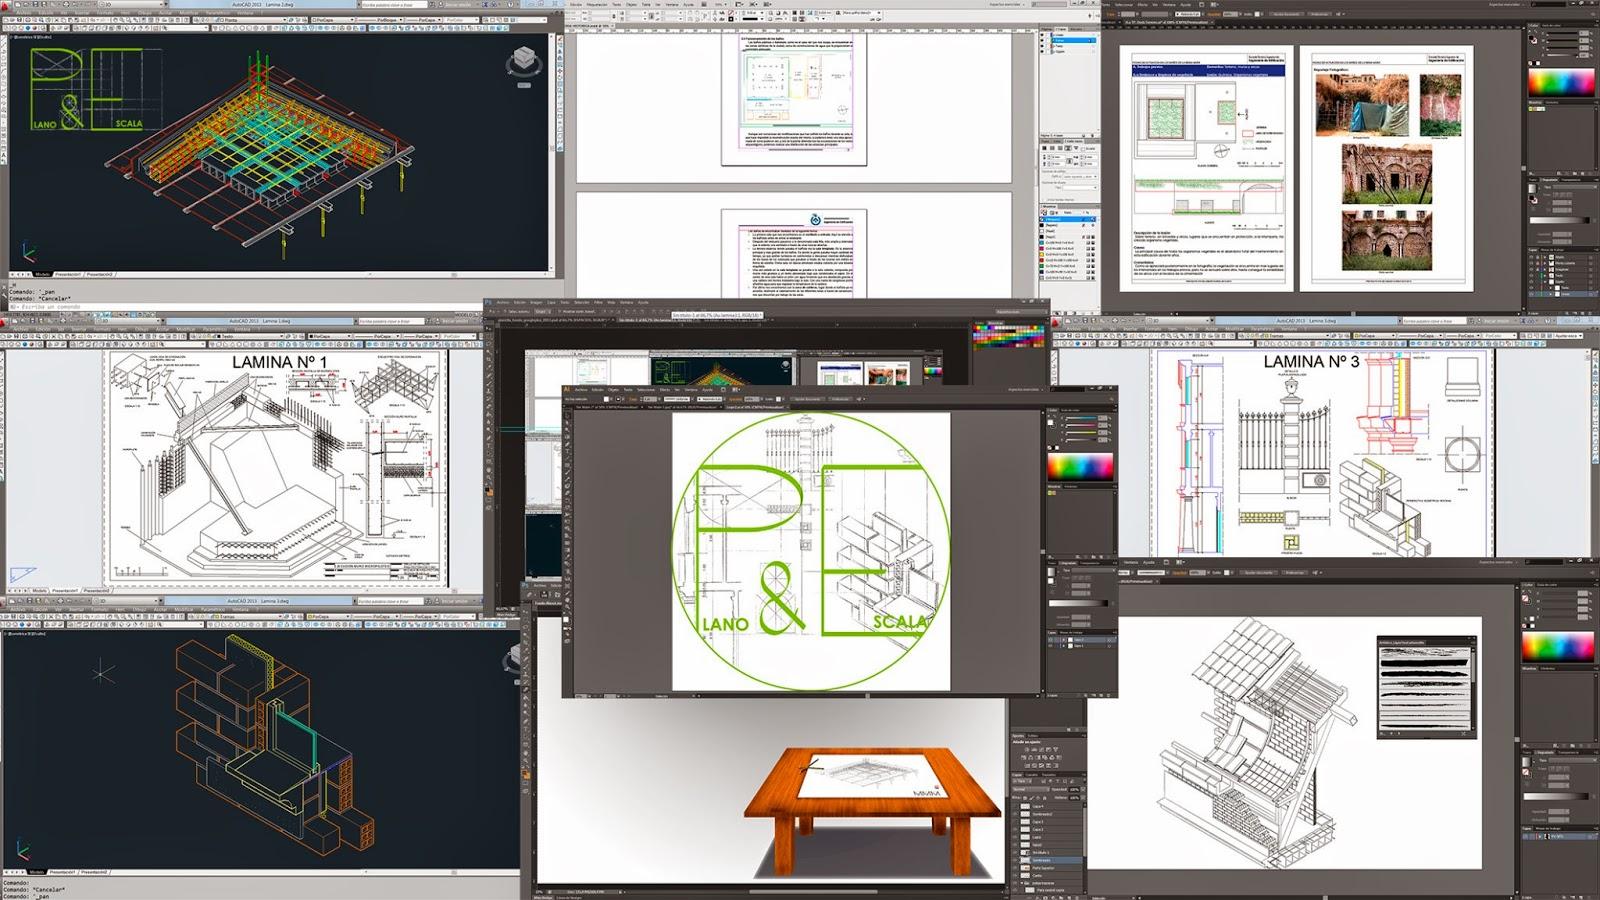 Shearsepein for Programas de arquitectura